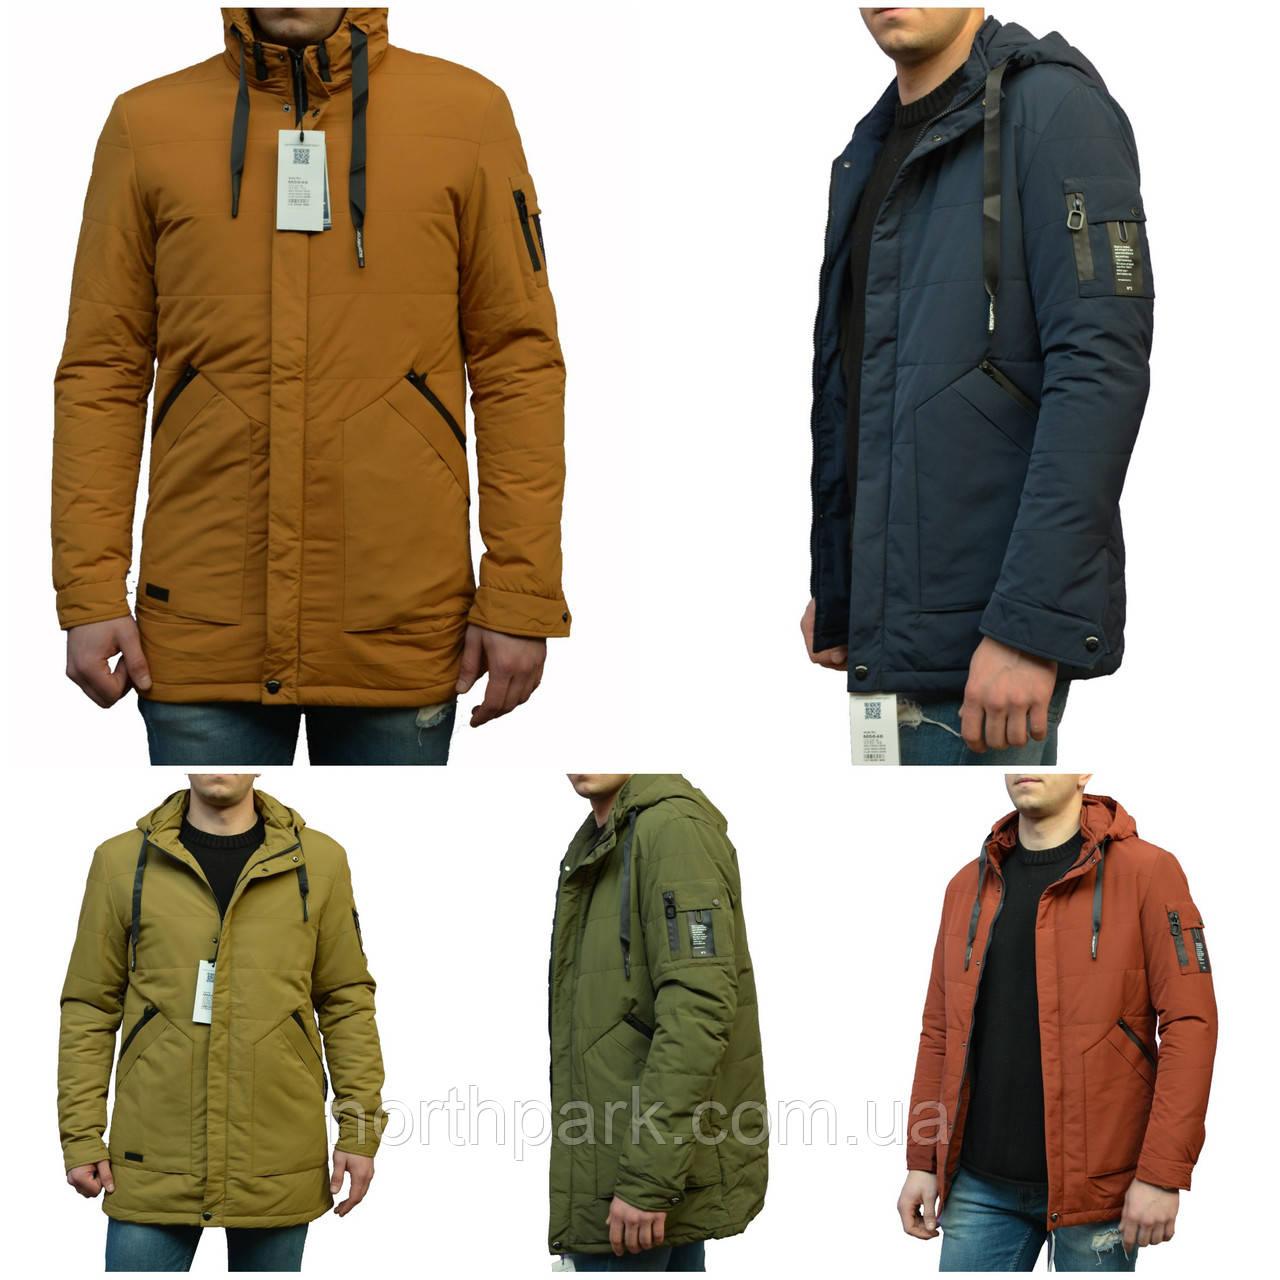 Чоловіча демісезонна куртка з фігурними кишенями